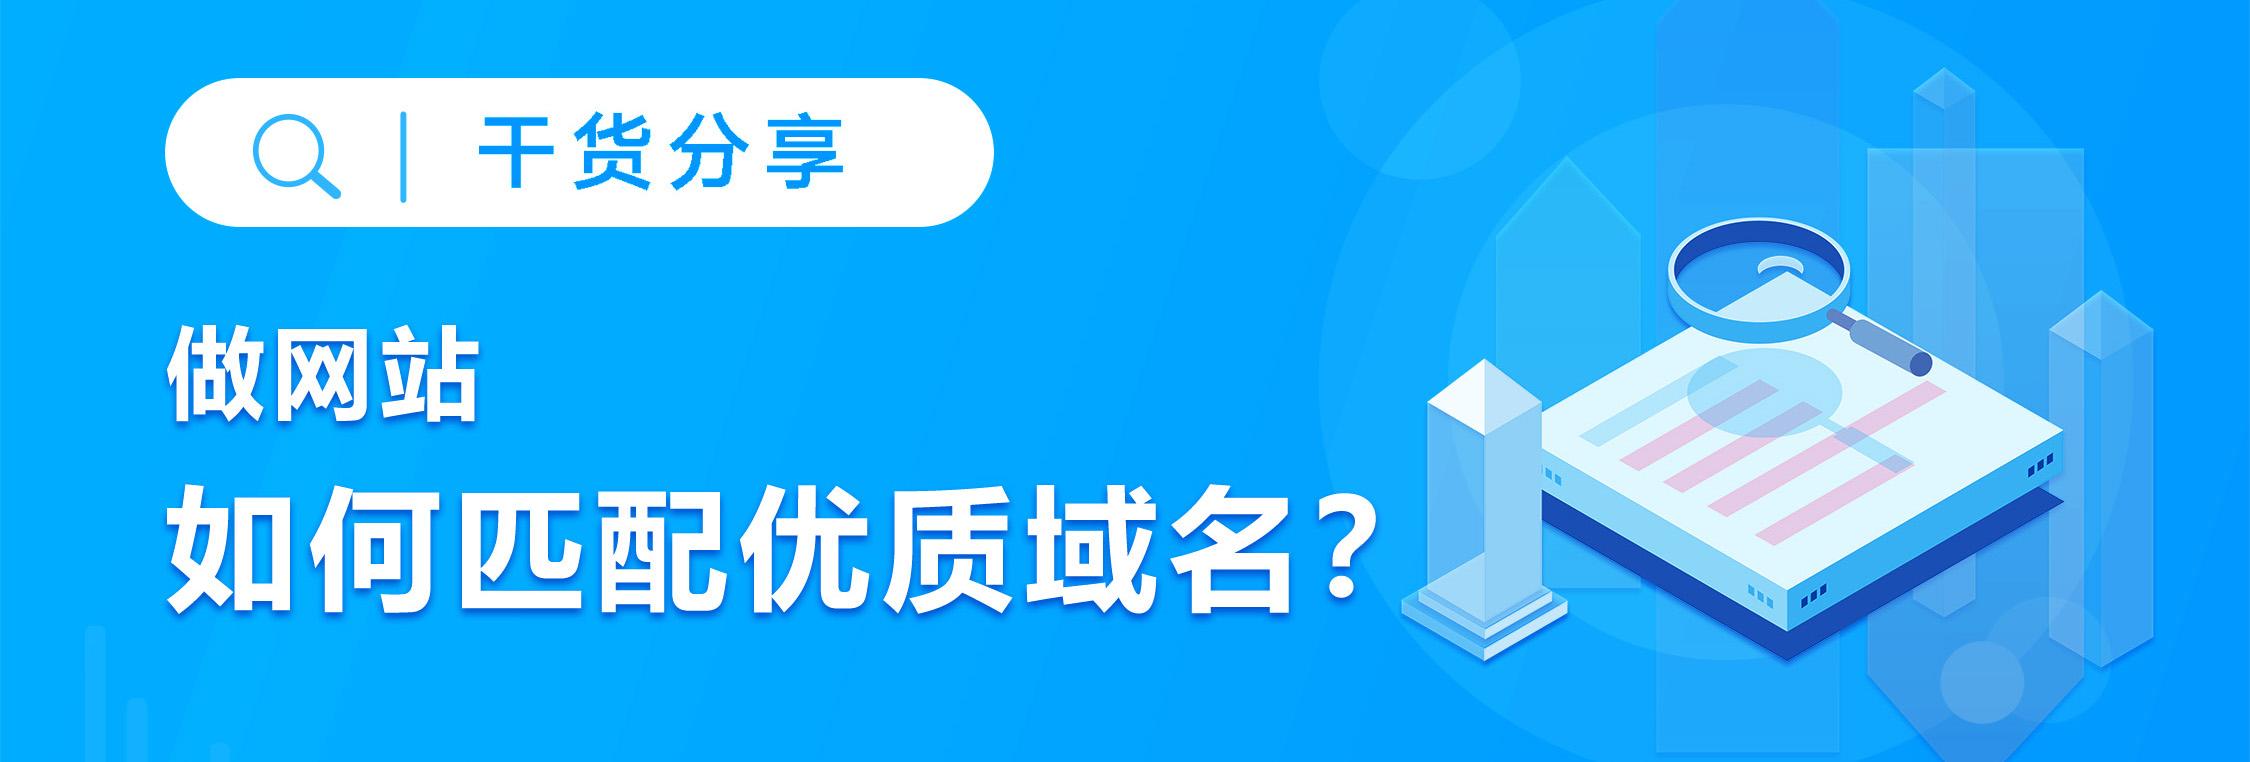 建网站如何匹配最佳域名?域名选择必看!